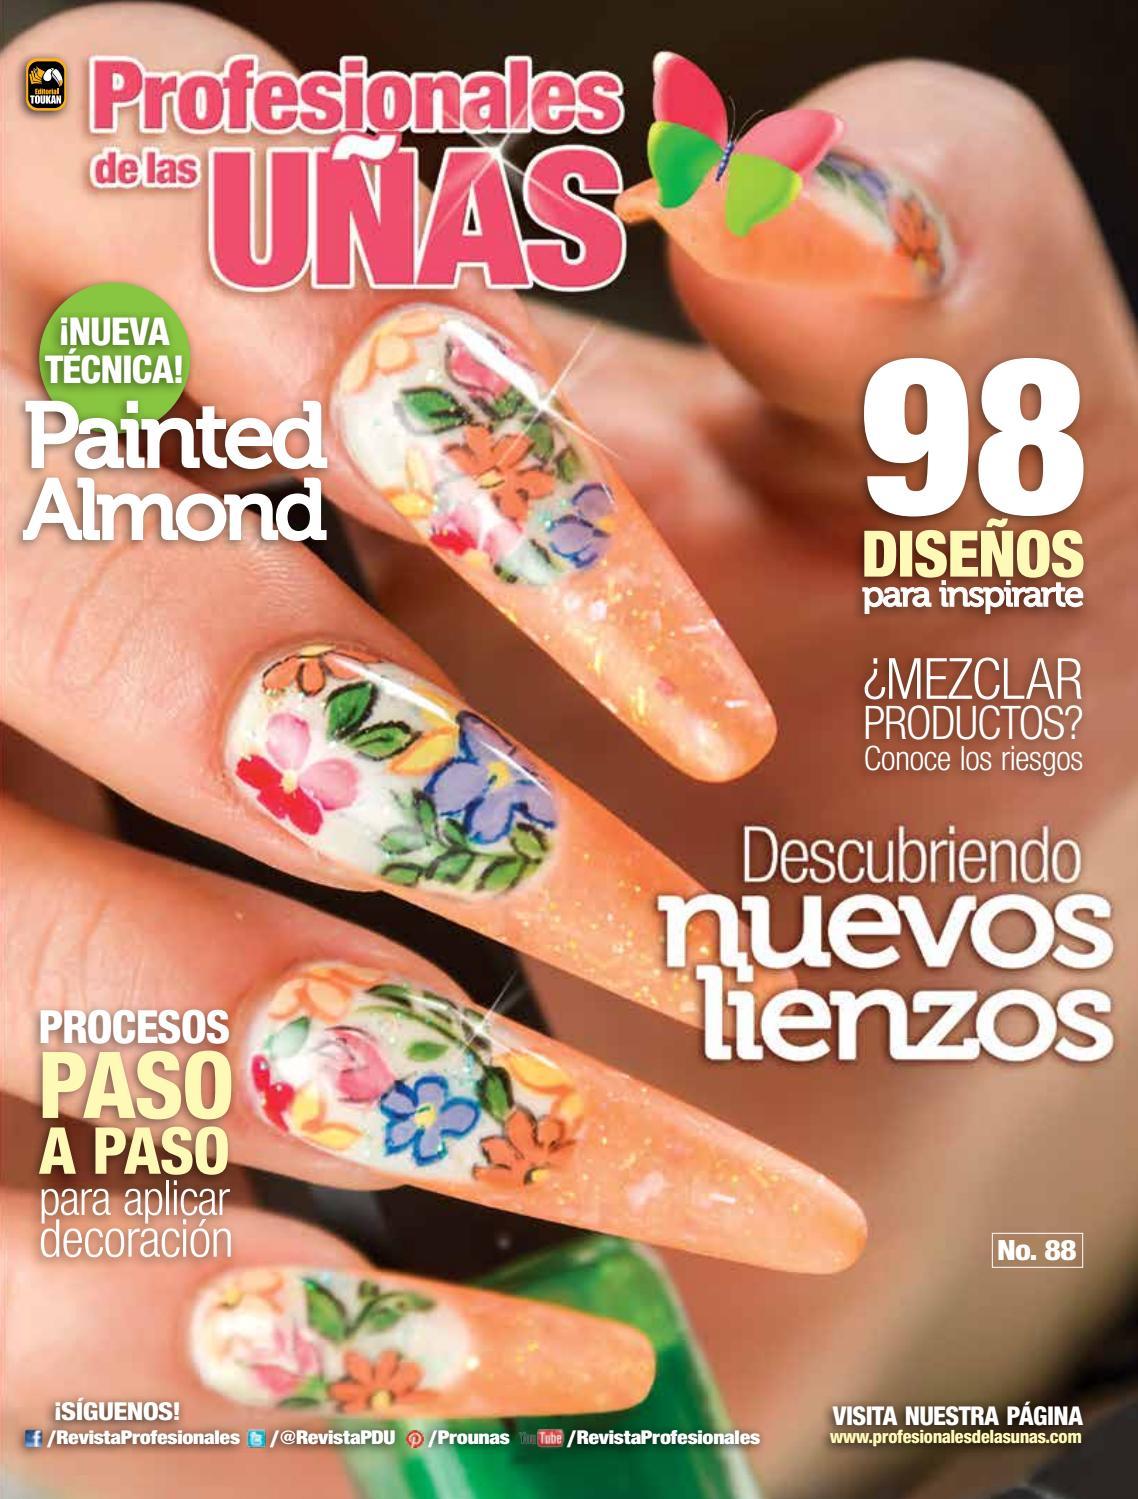 Profesionales de las uñas No. 88 by Editorial Toukan - issuu